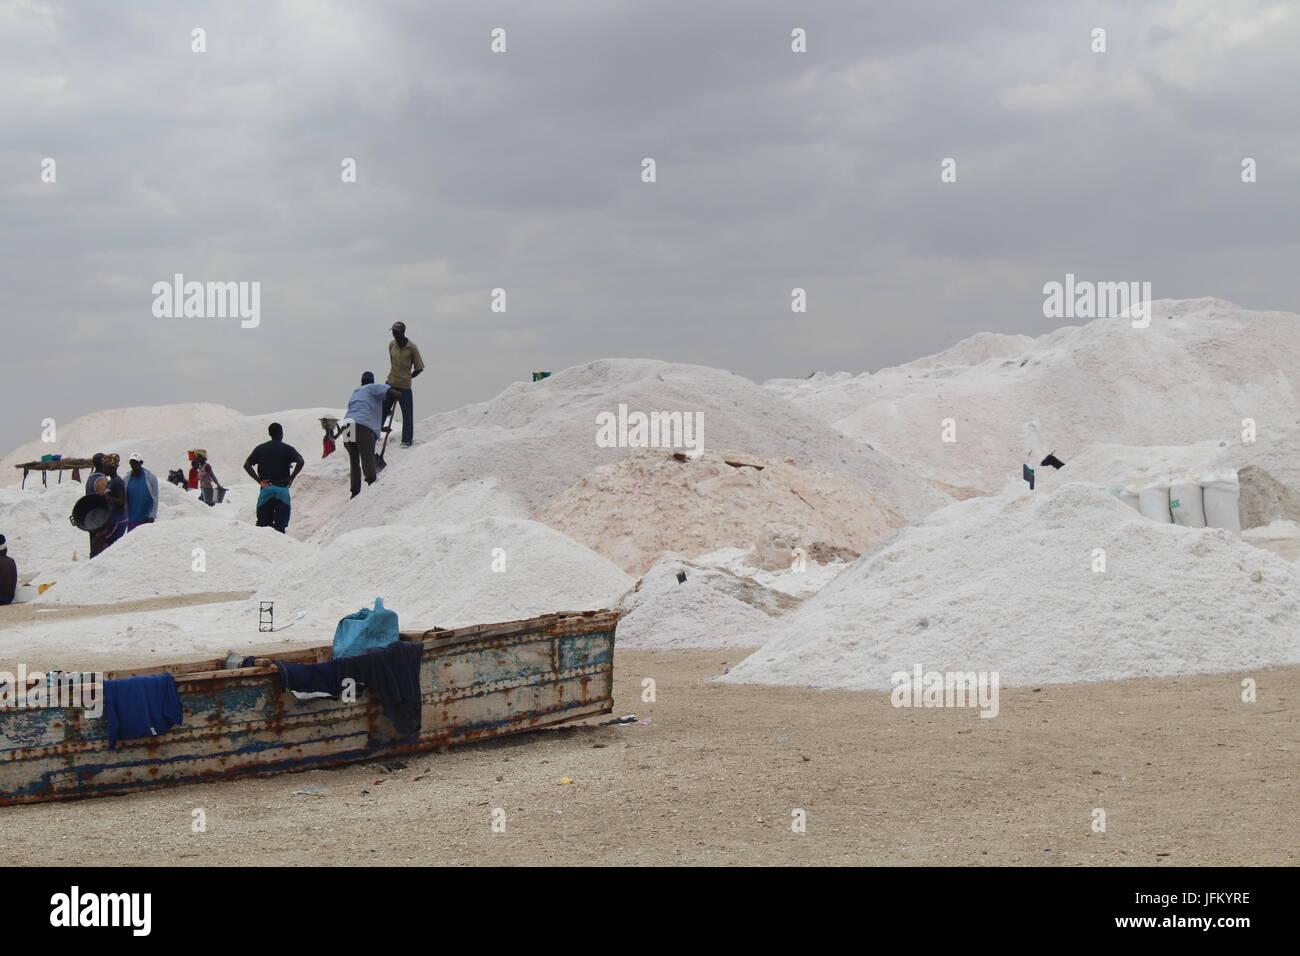 Grandes montones de sal en la orilla del lago Retba, Lago Rosa, Lac Rose, fuera de Dakar, Senegal. Imagen De Stock